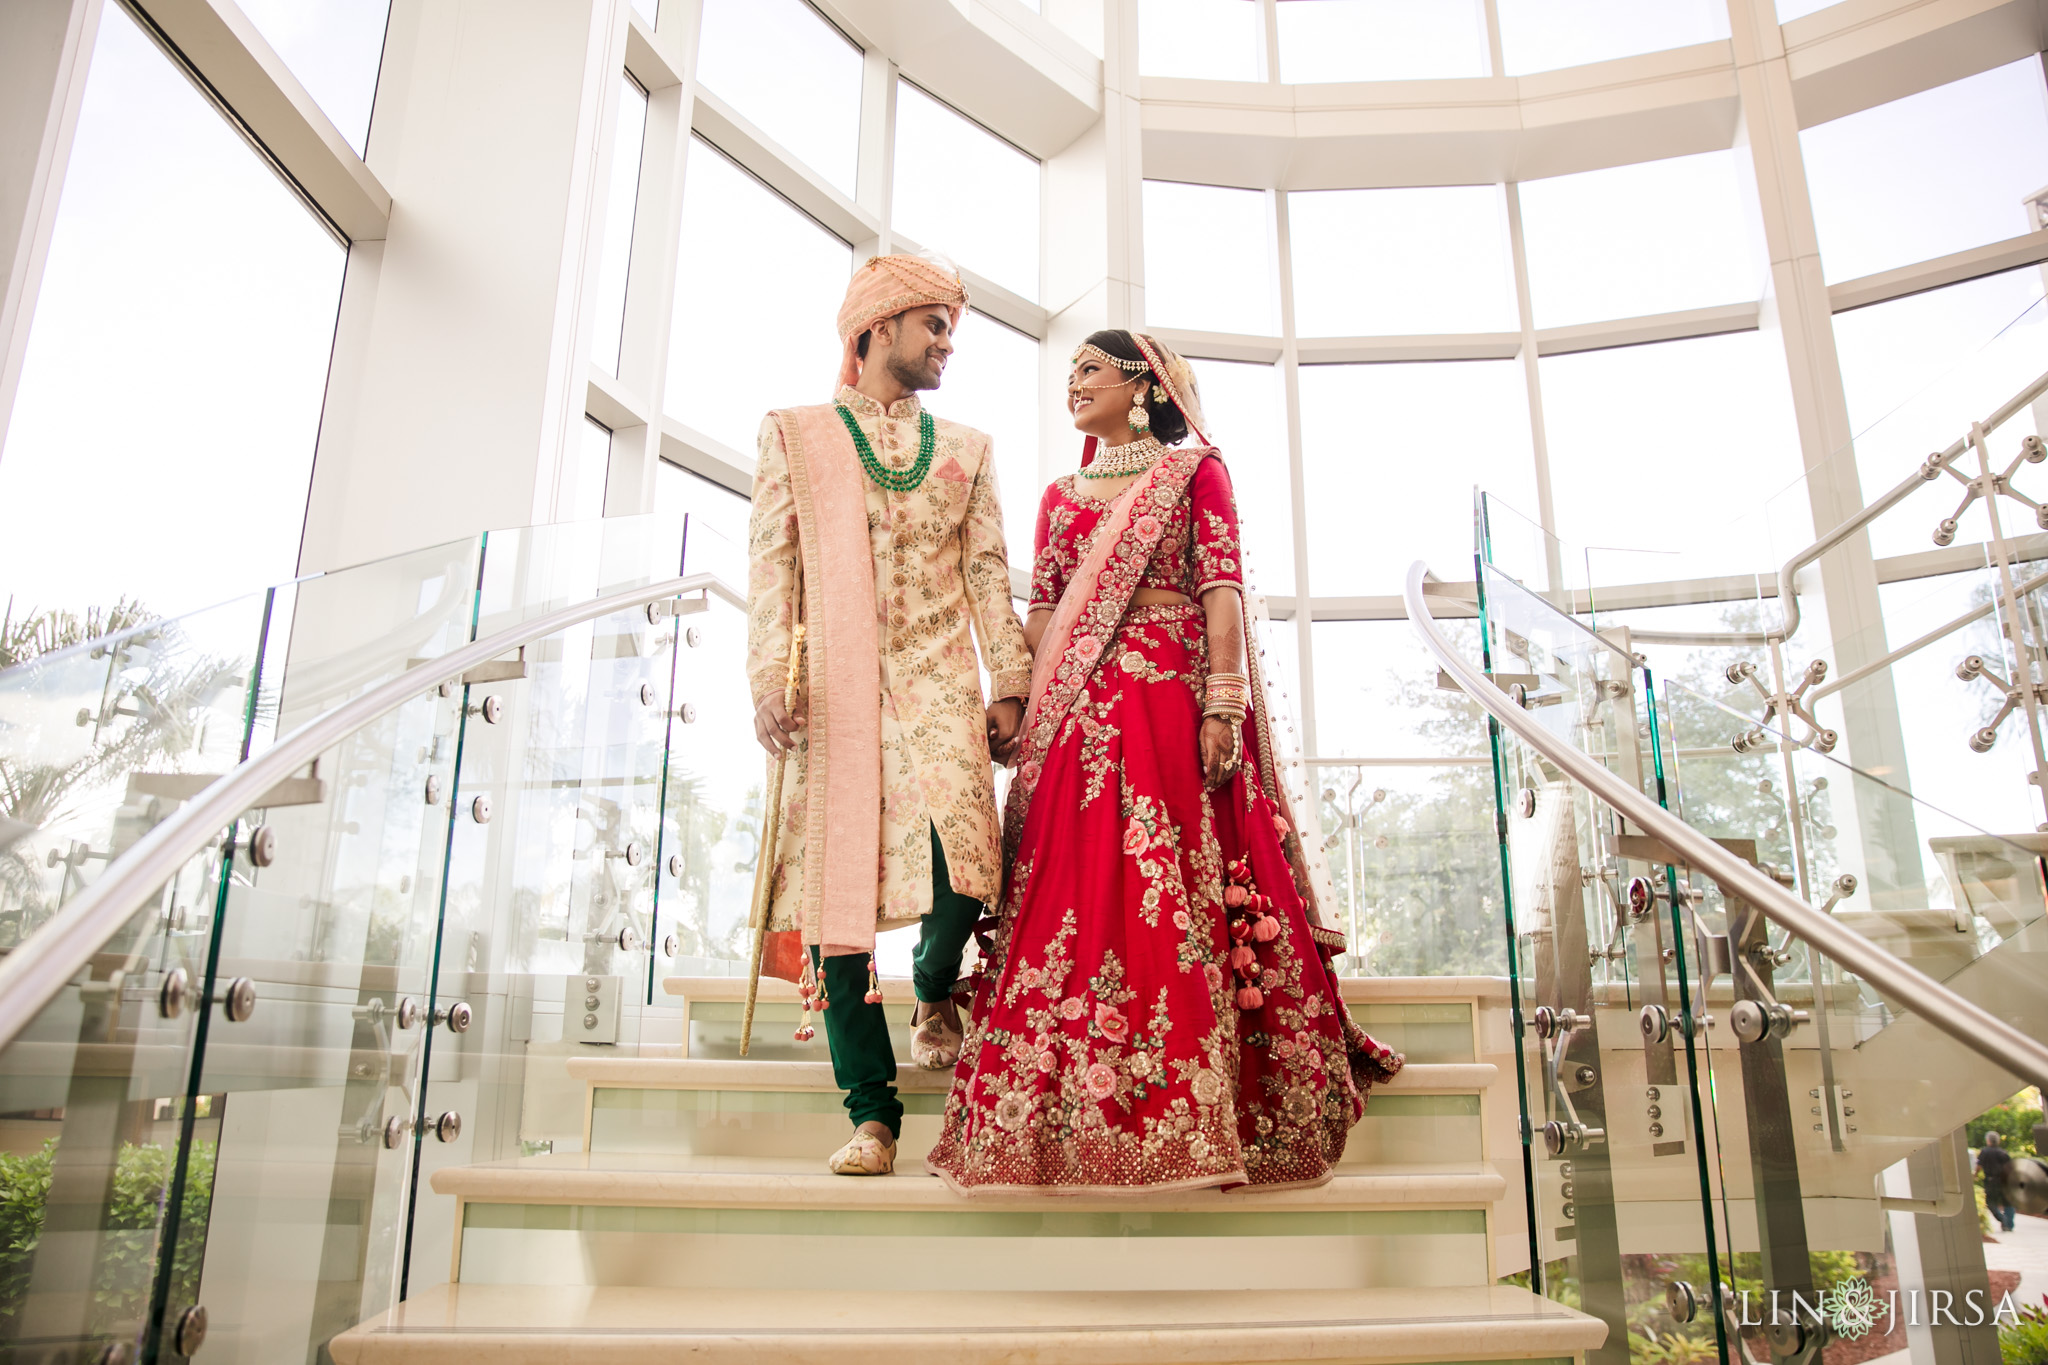 10 The Hilton Orlando Florida Indian Wedding Photography